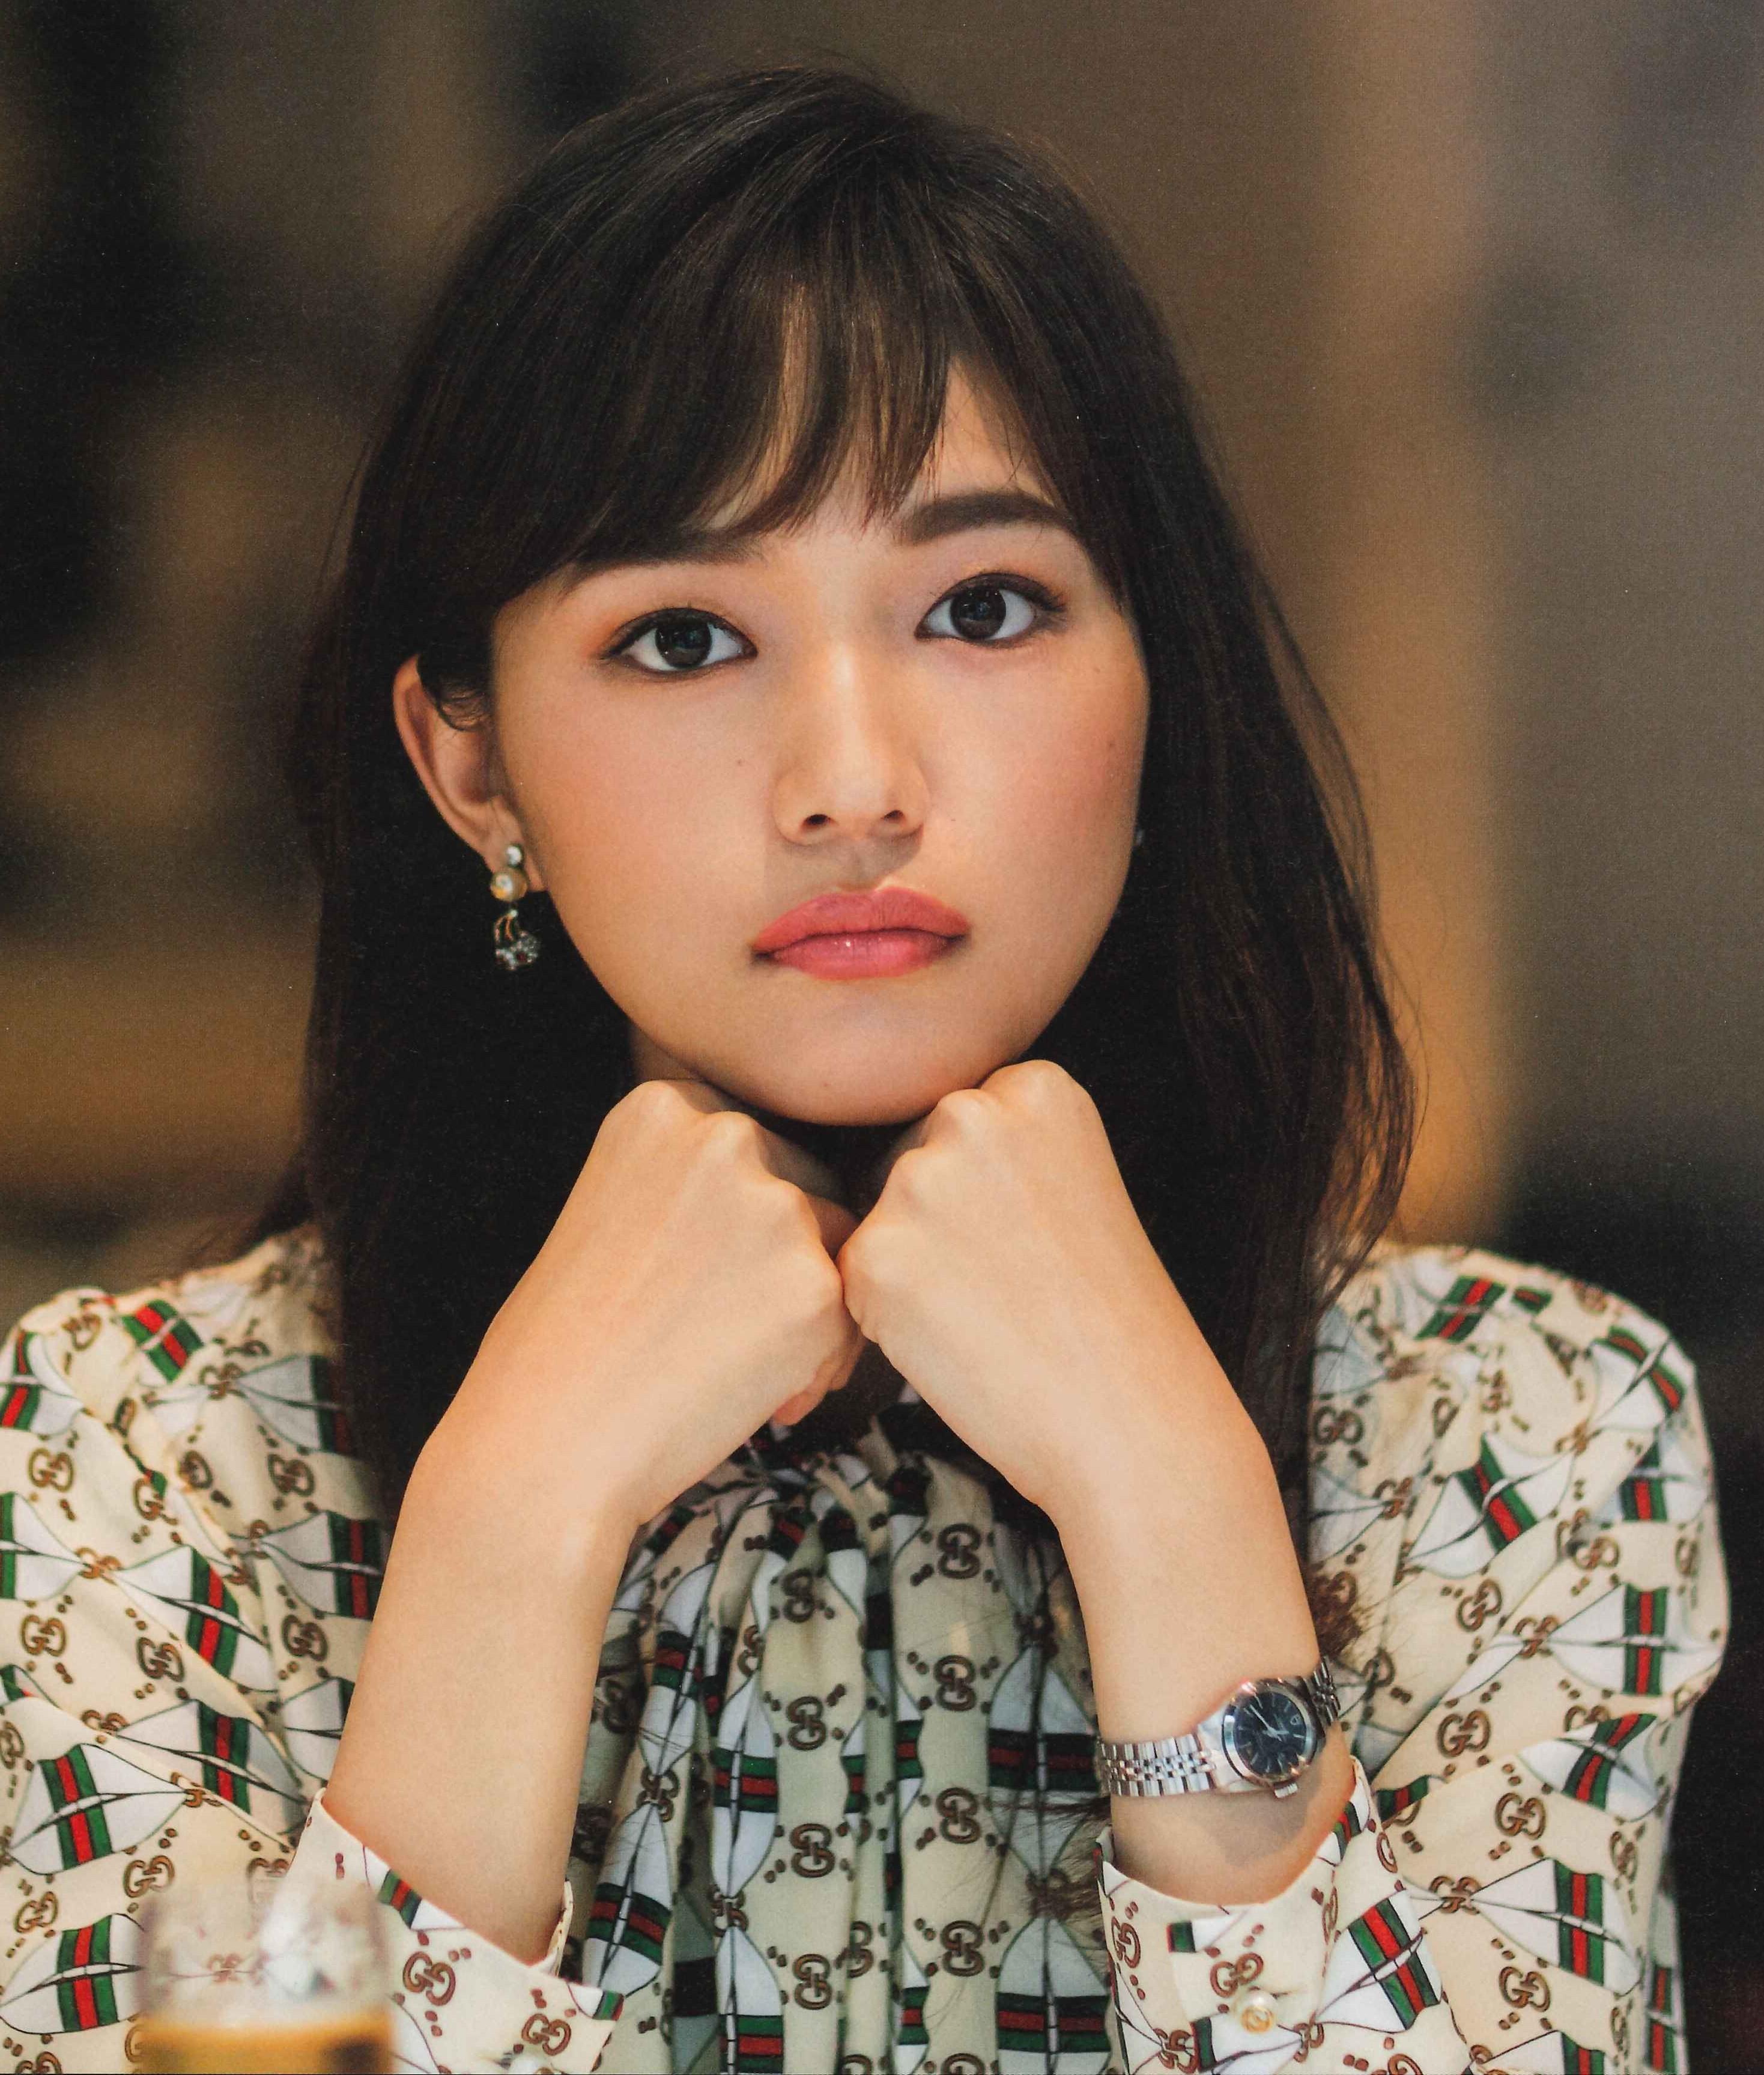 Haruna Kawaguchi Haruna Kawaguchi new photo